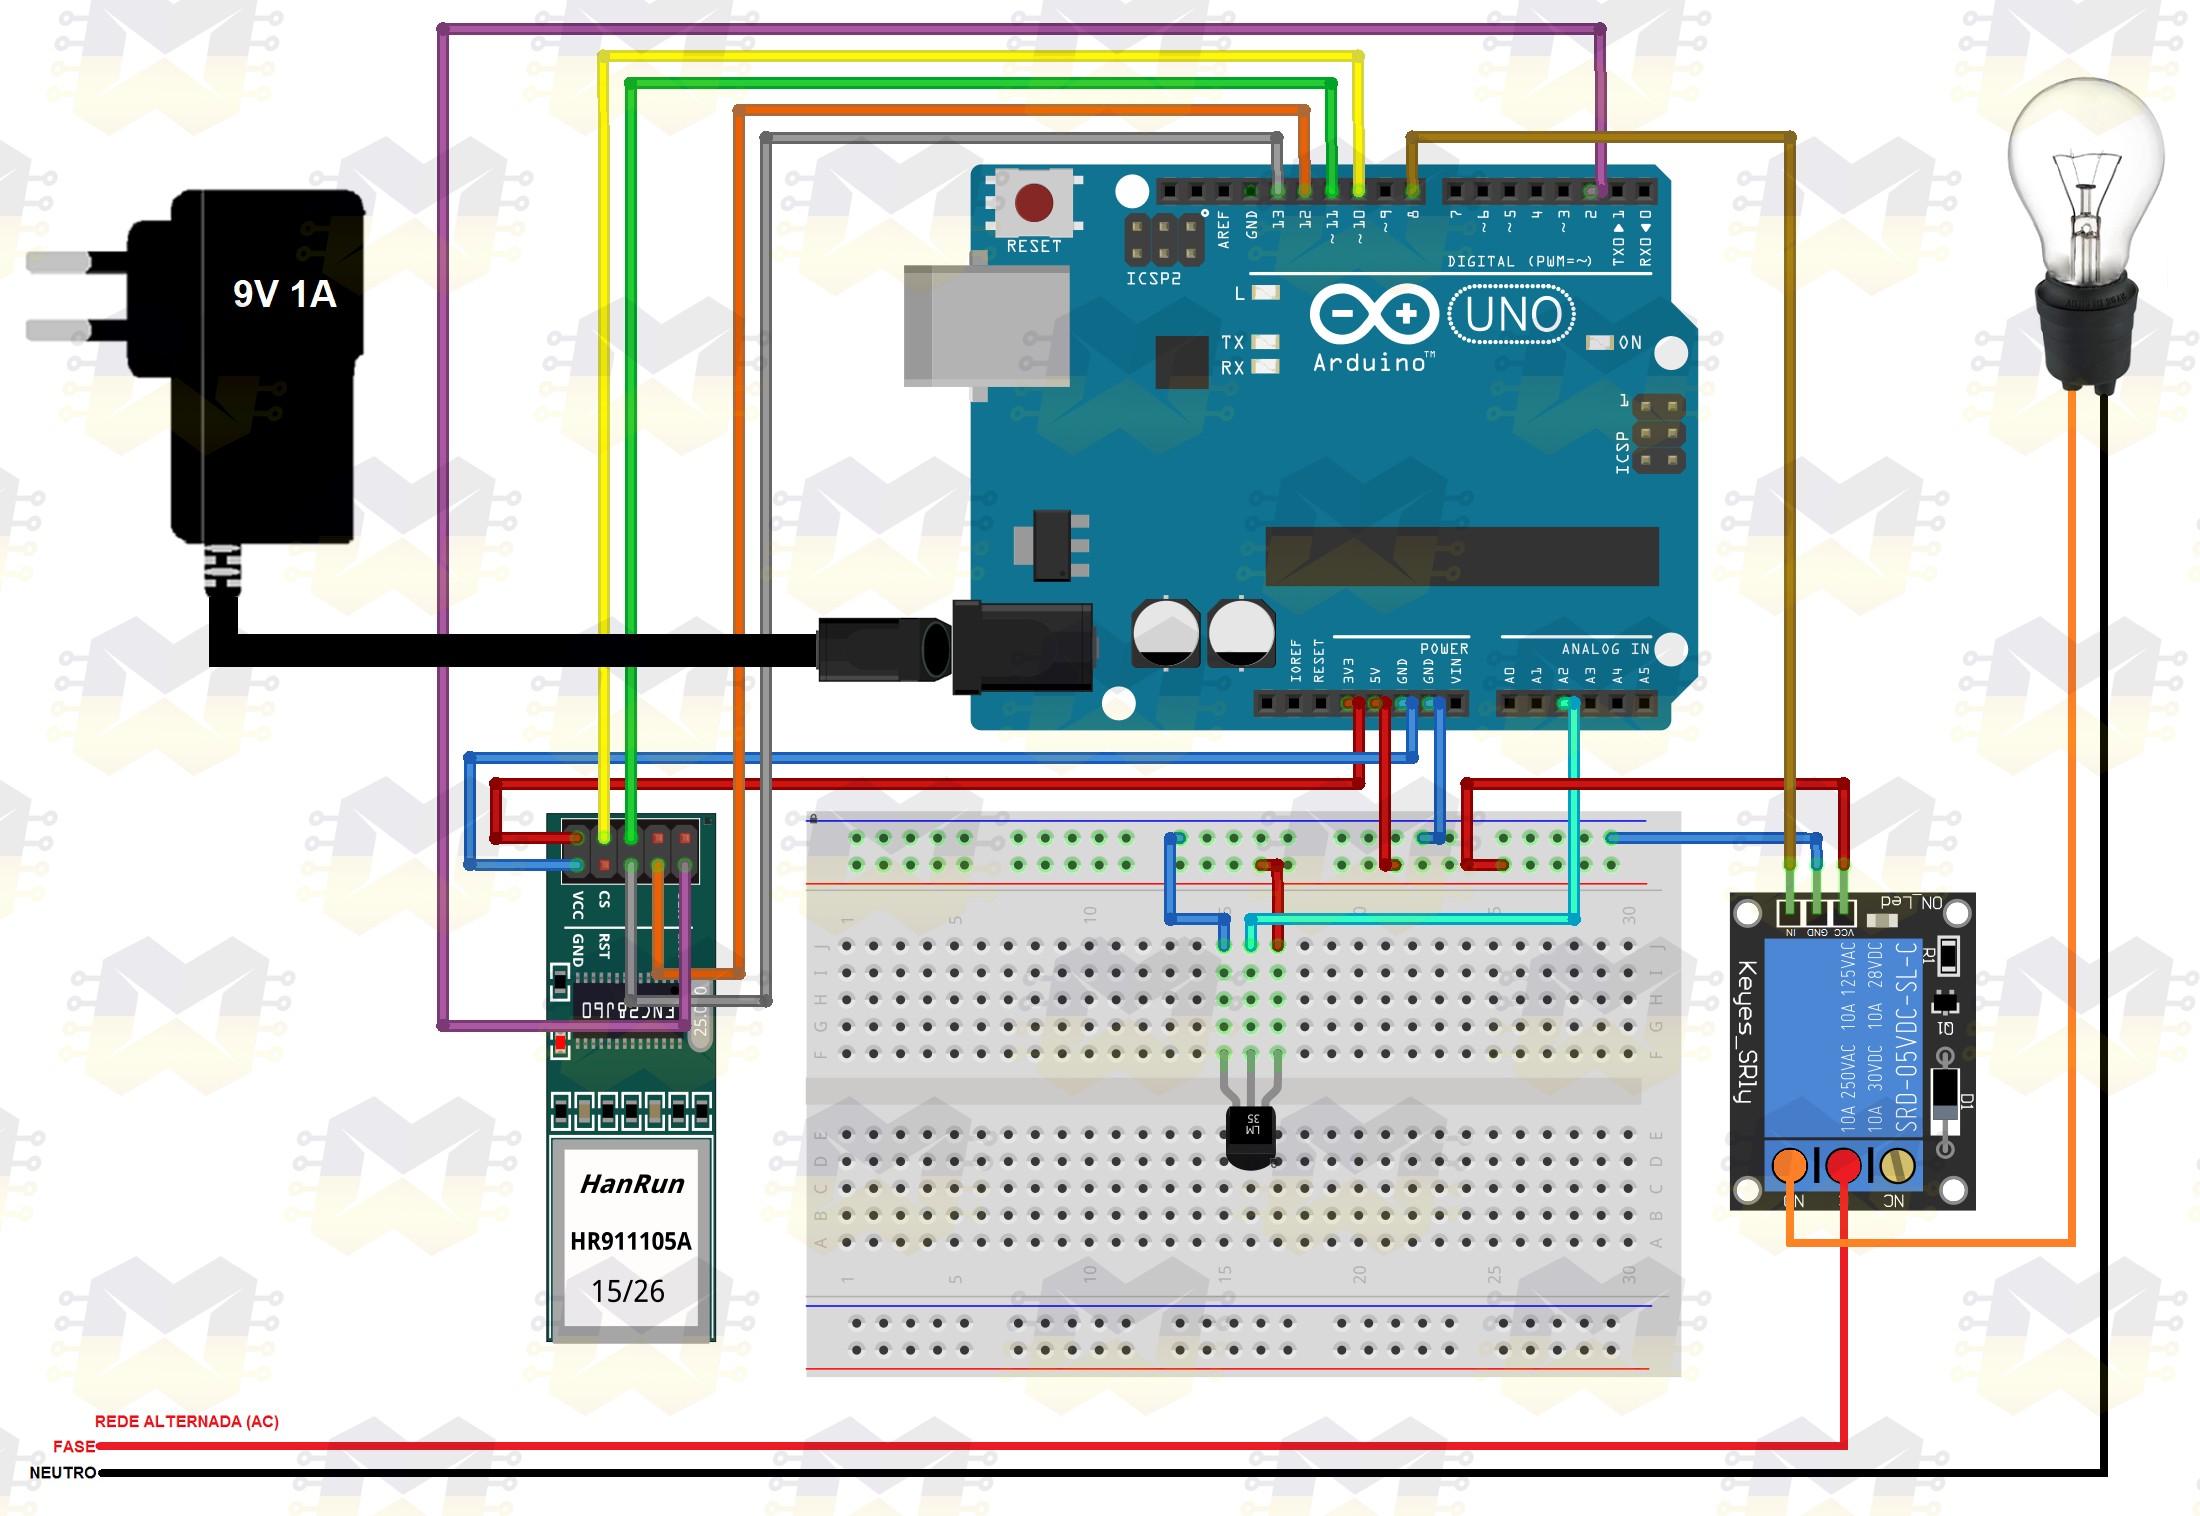 img02_blynk_utilizando_com_o_modulo_ethernet_enc28j60_e_arduino_smartphone_android_ios_iphone_ipad_automacao_lampada_temperatura